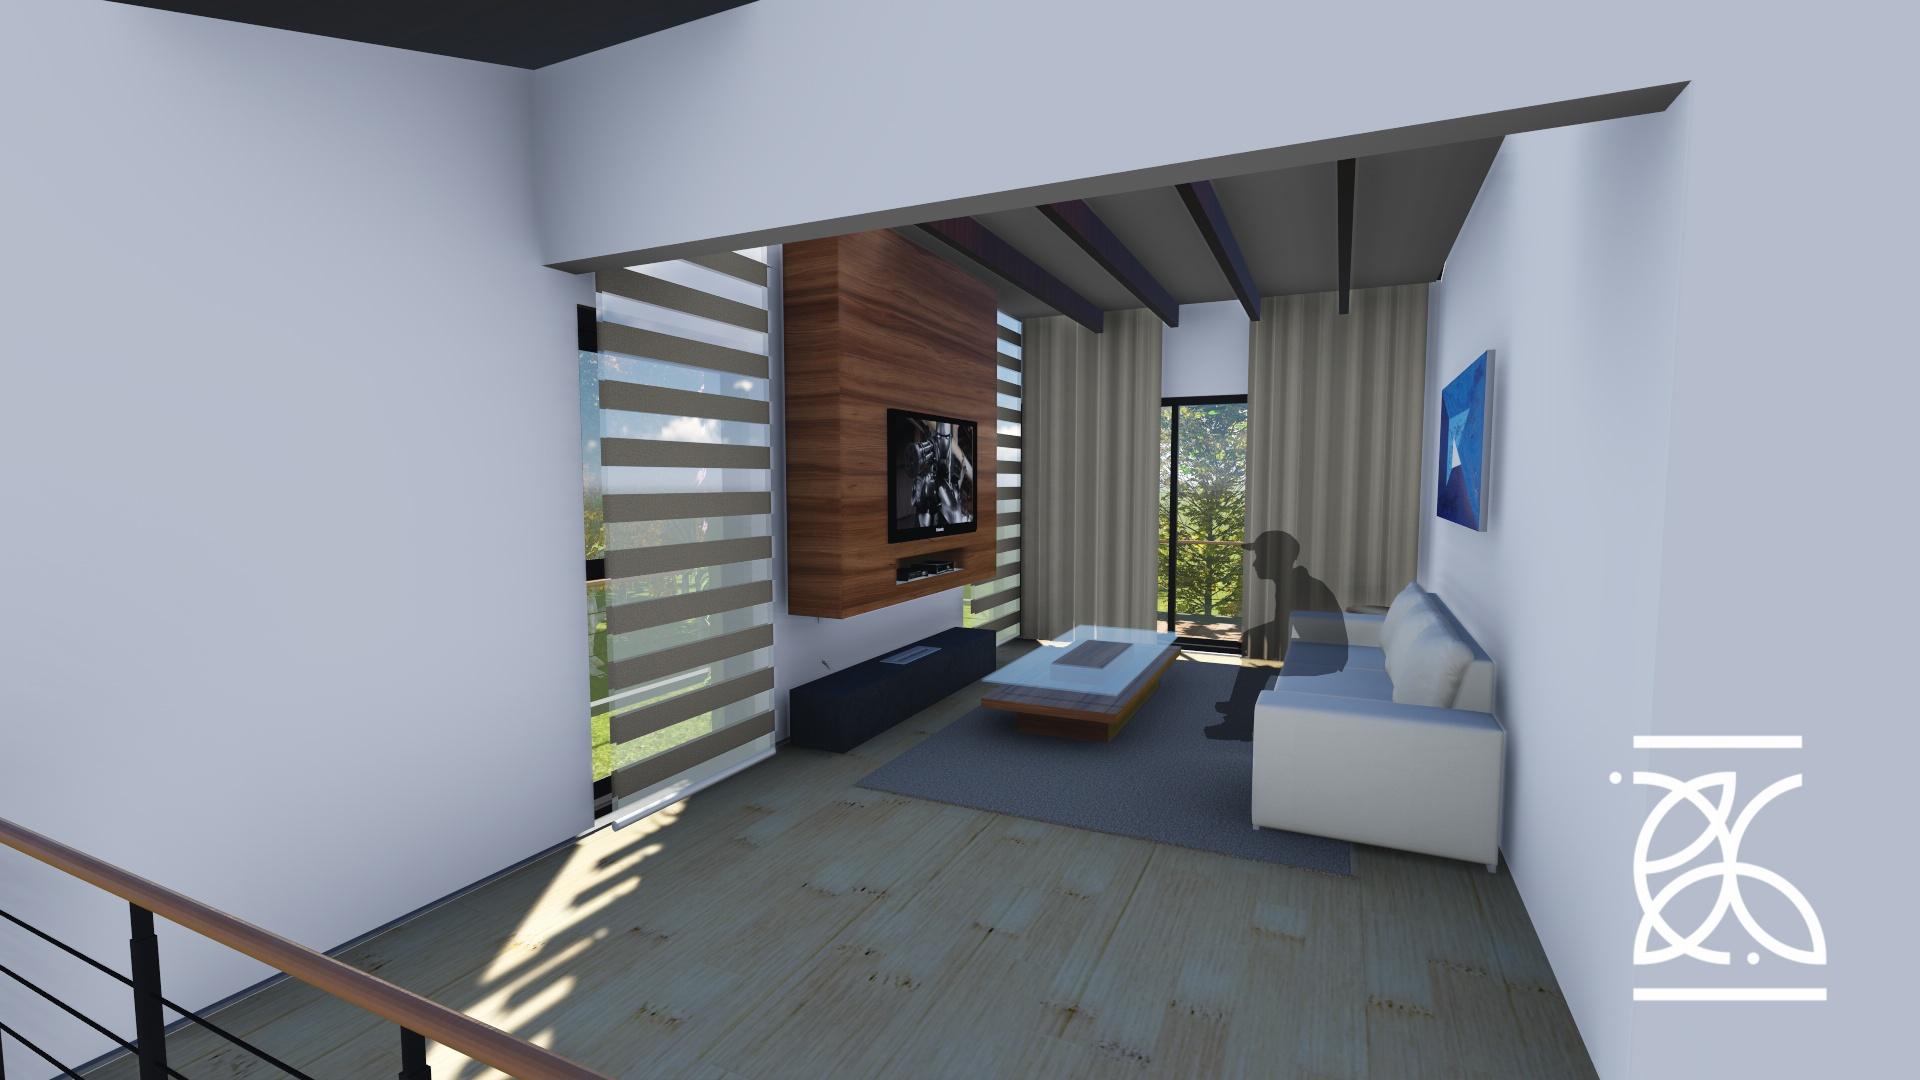 Sala de TV com iluminação natural